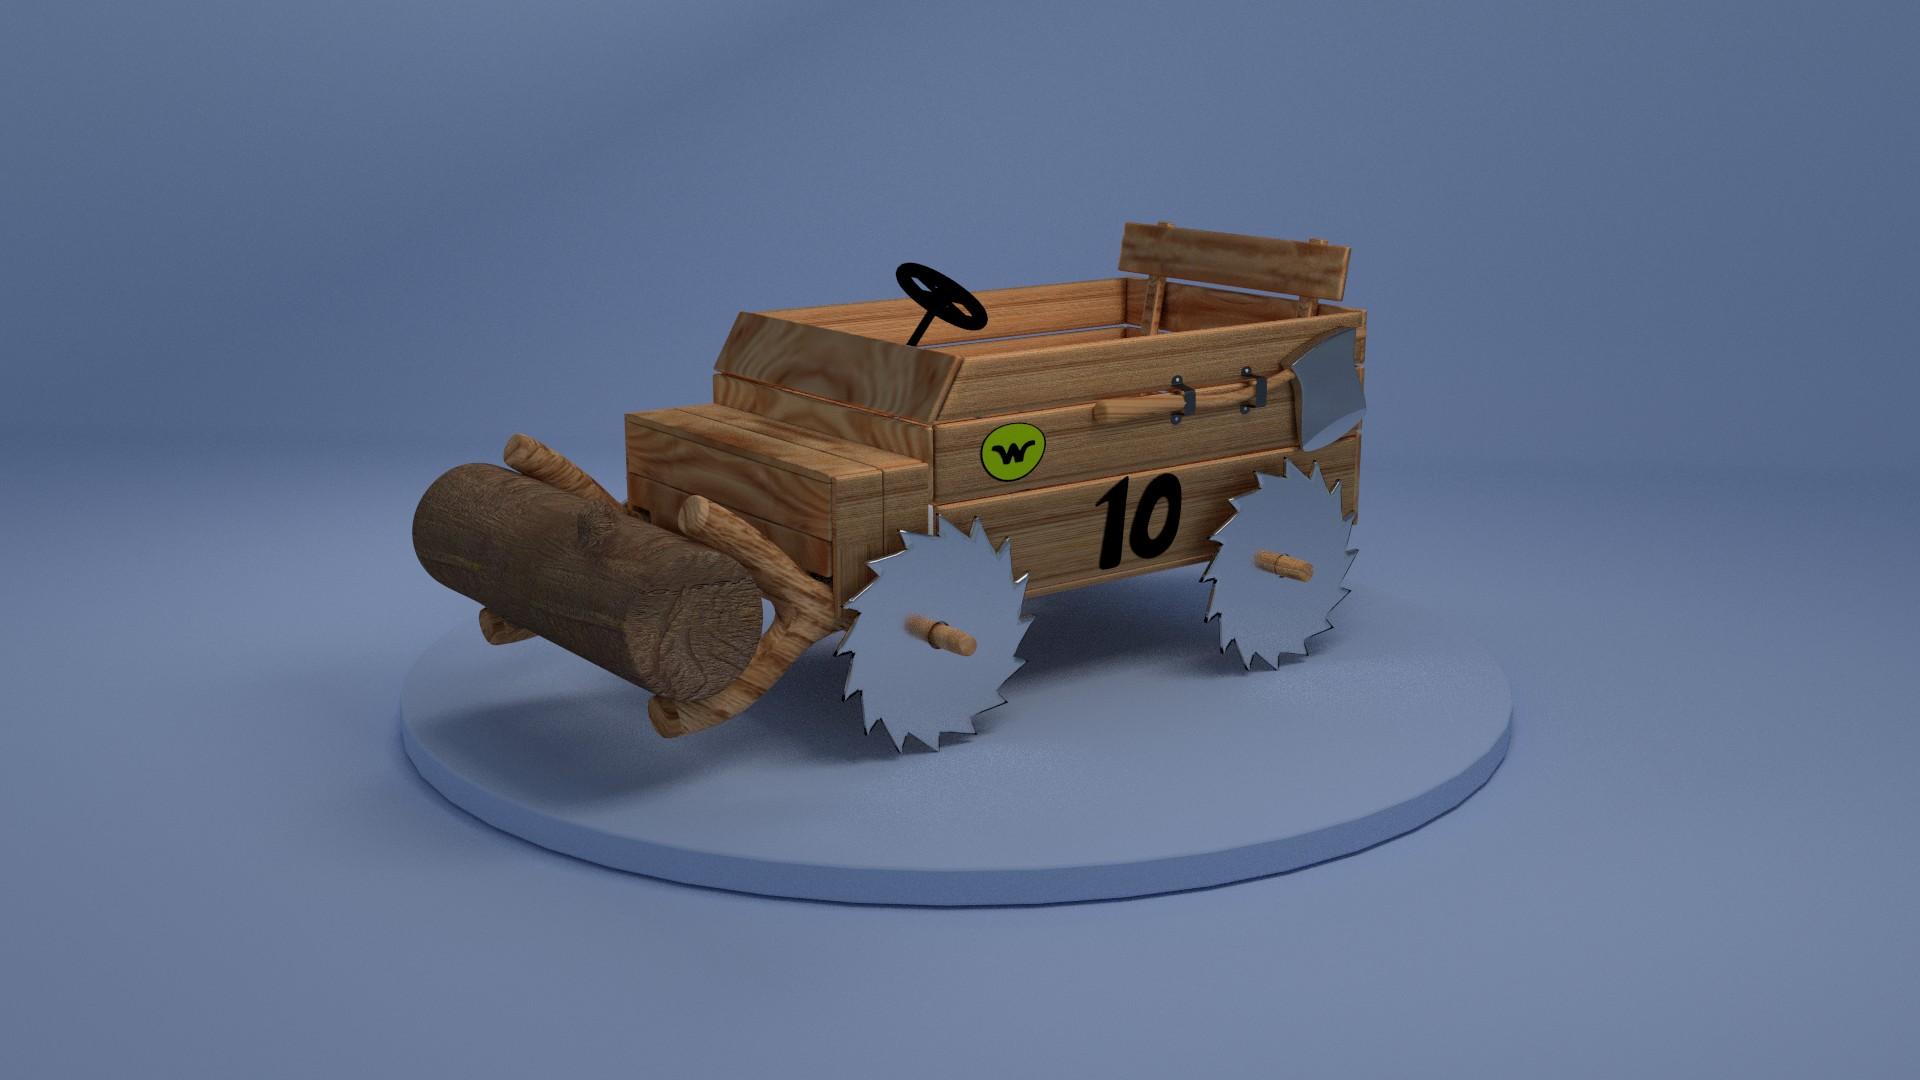 Los Autos Locos - Wacky Races _ soliman-10-troncoswagen.jpg